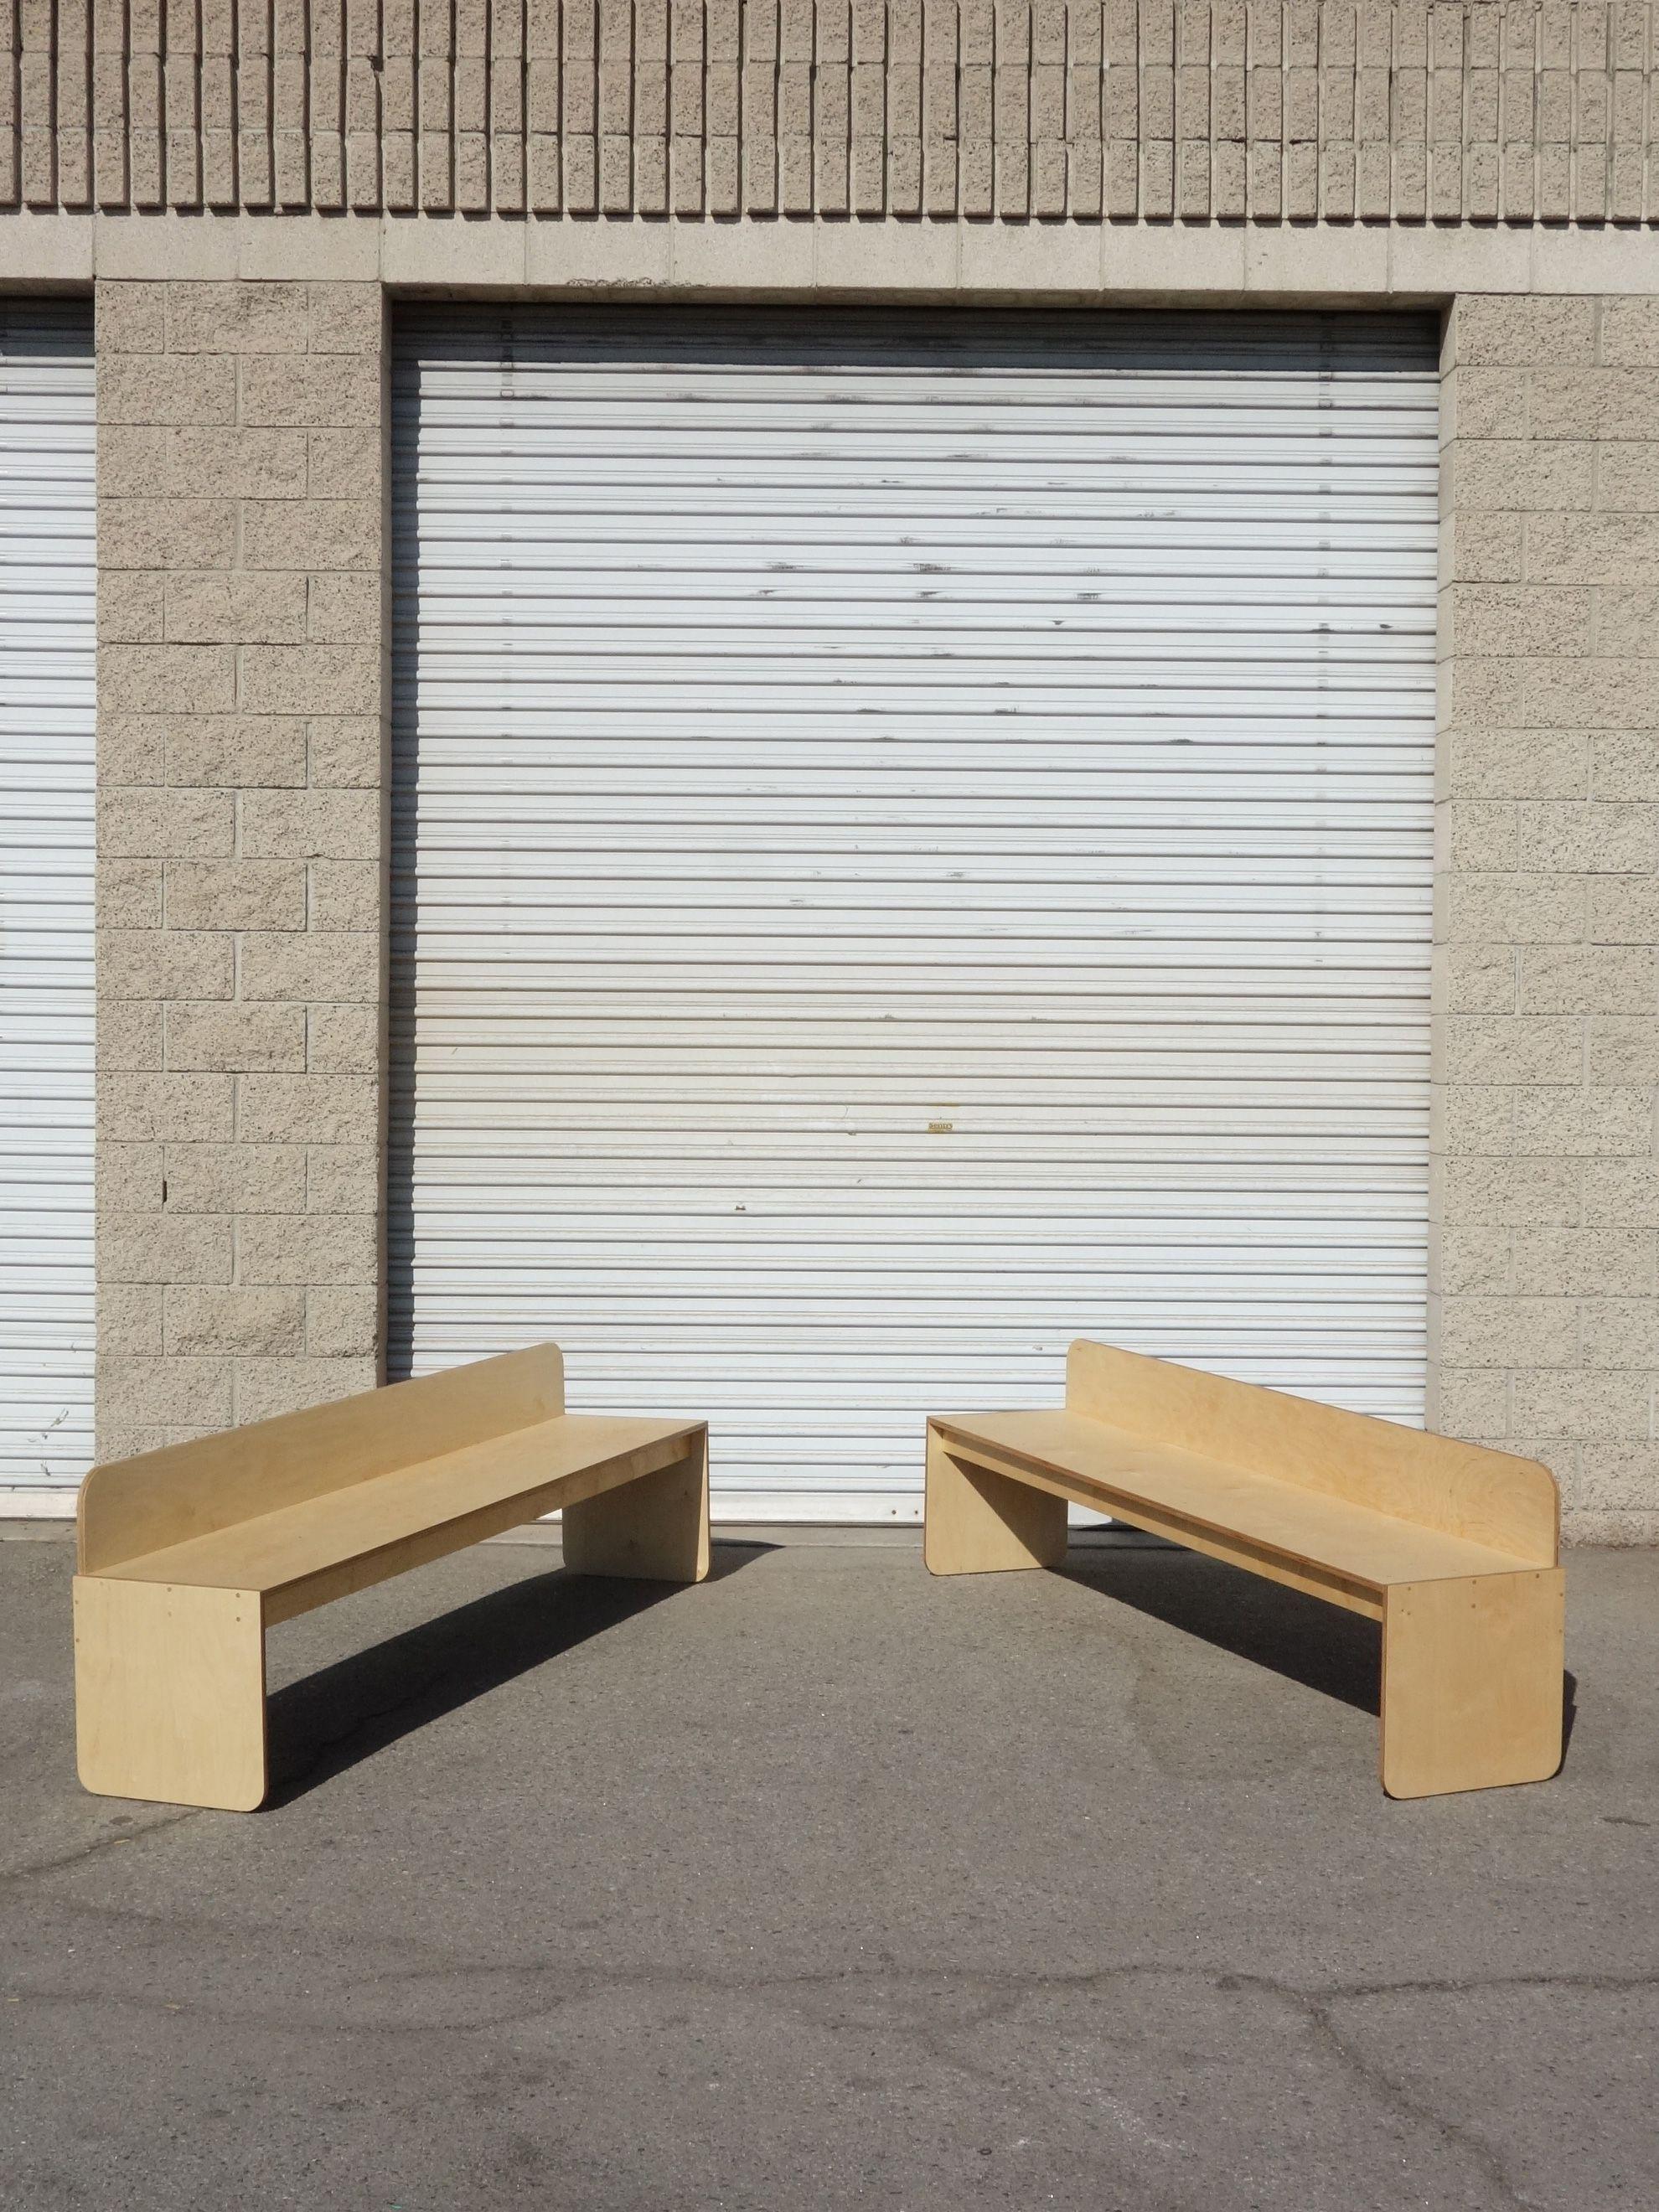 NADA Art Fair product image 17